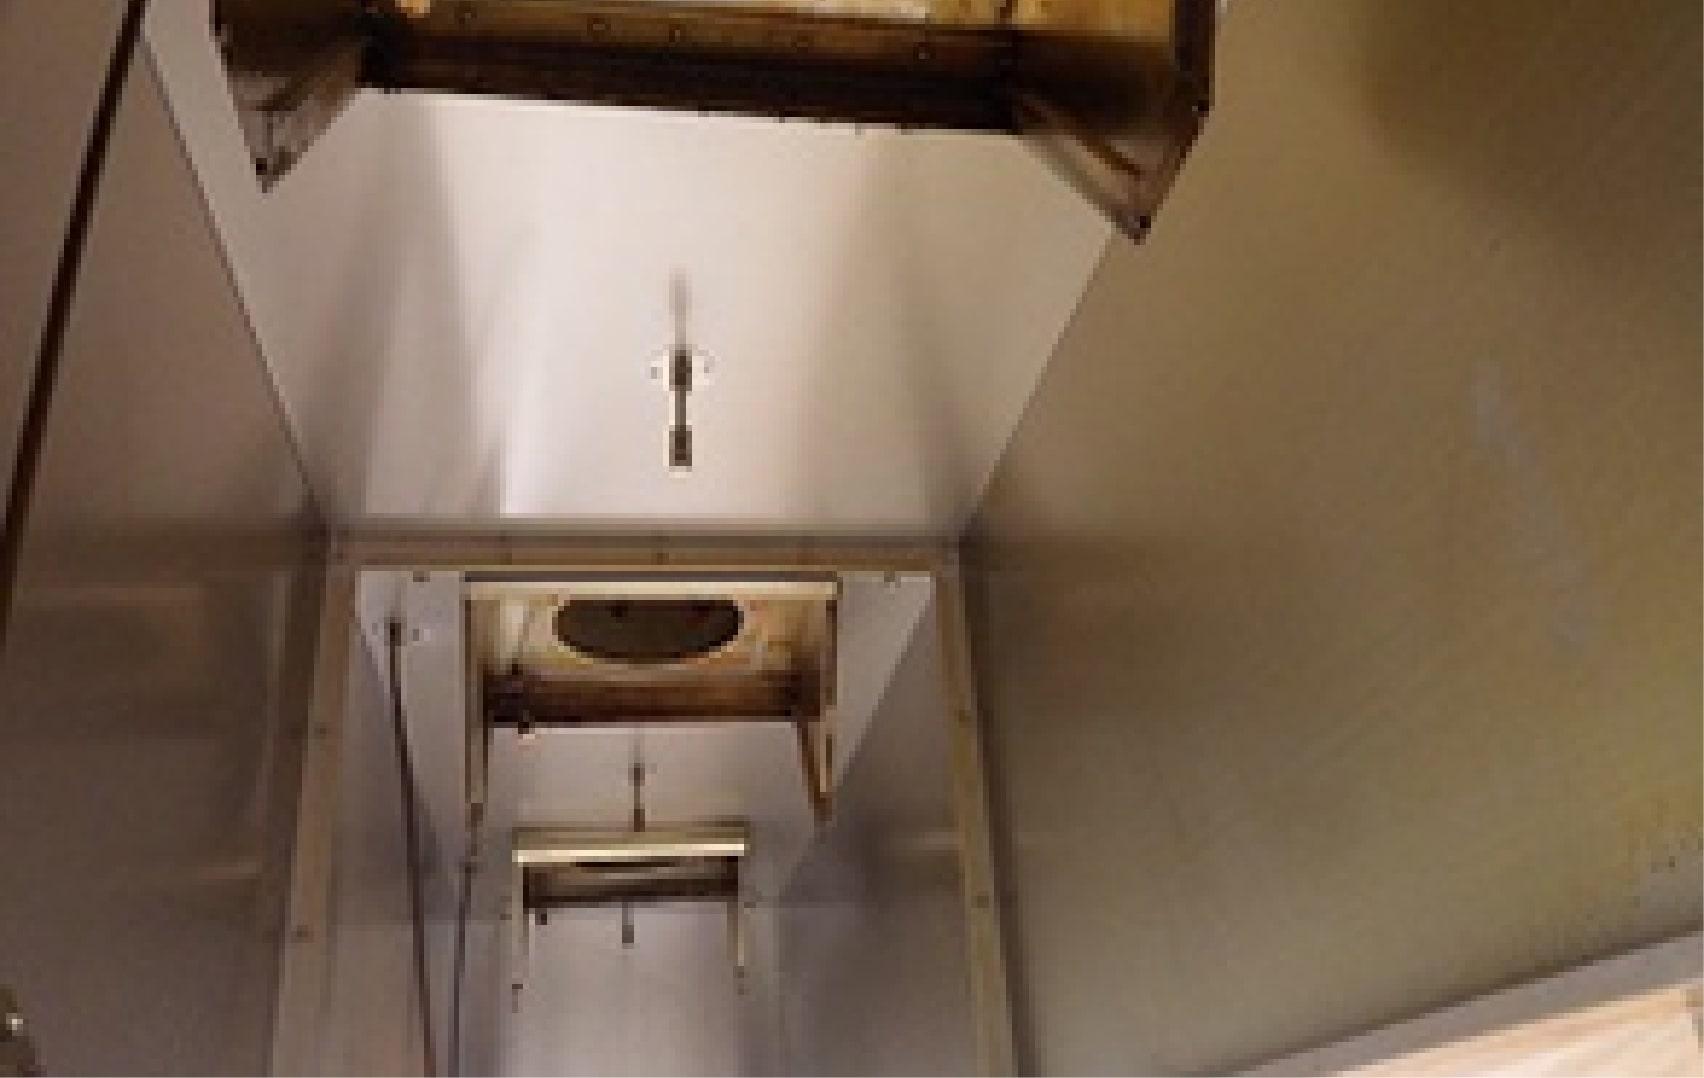 清掃する前の汚れている空調機部分